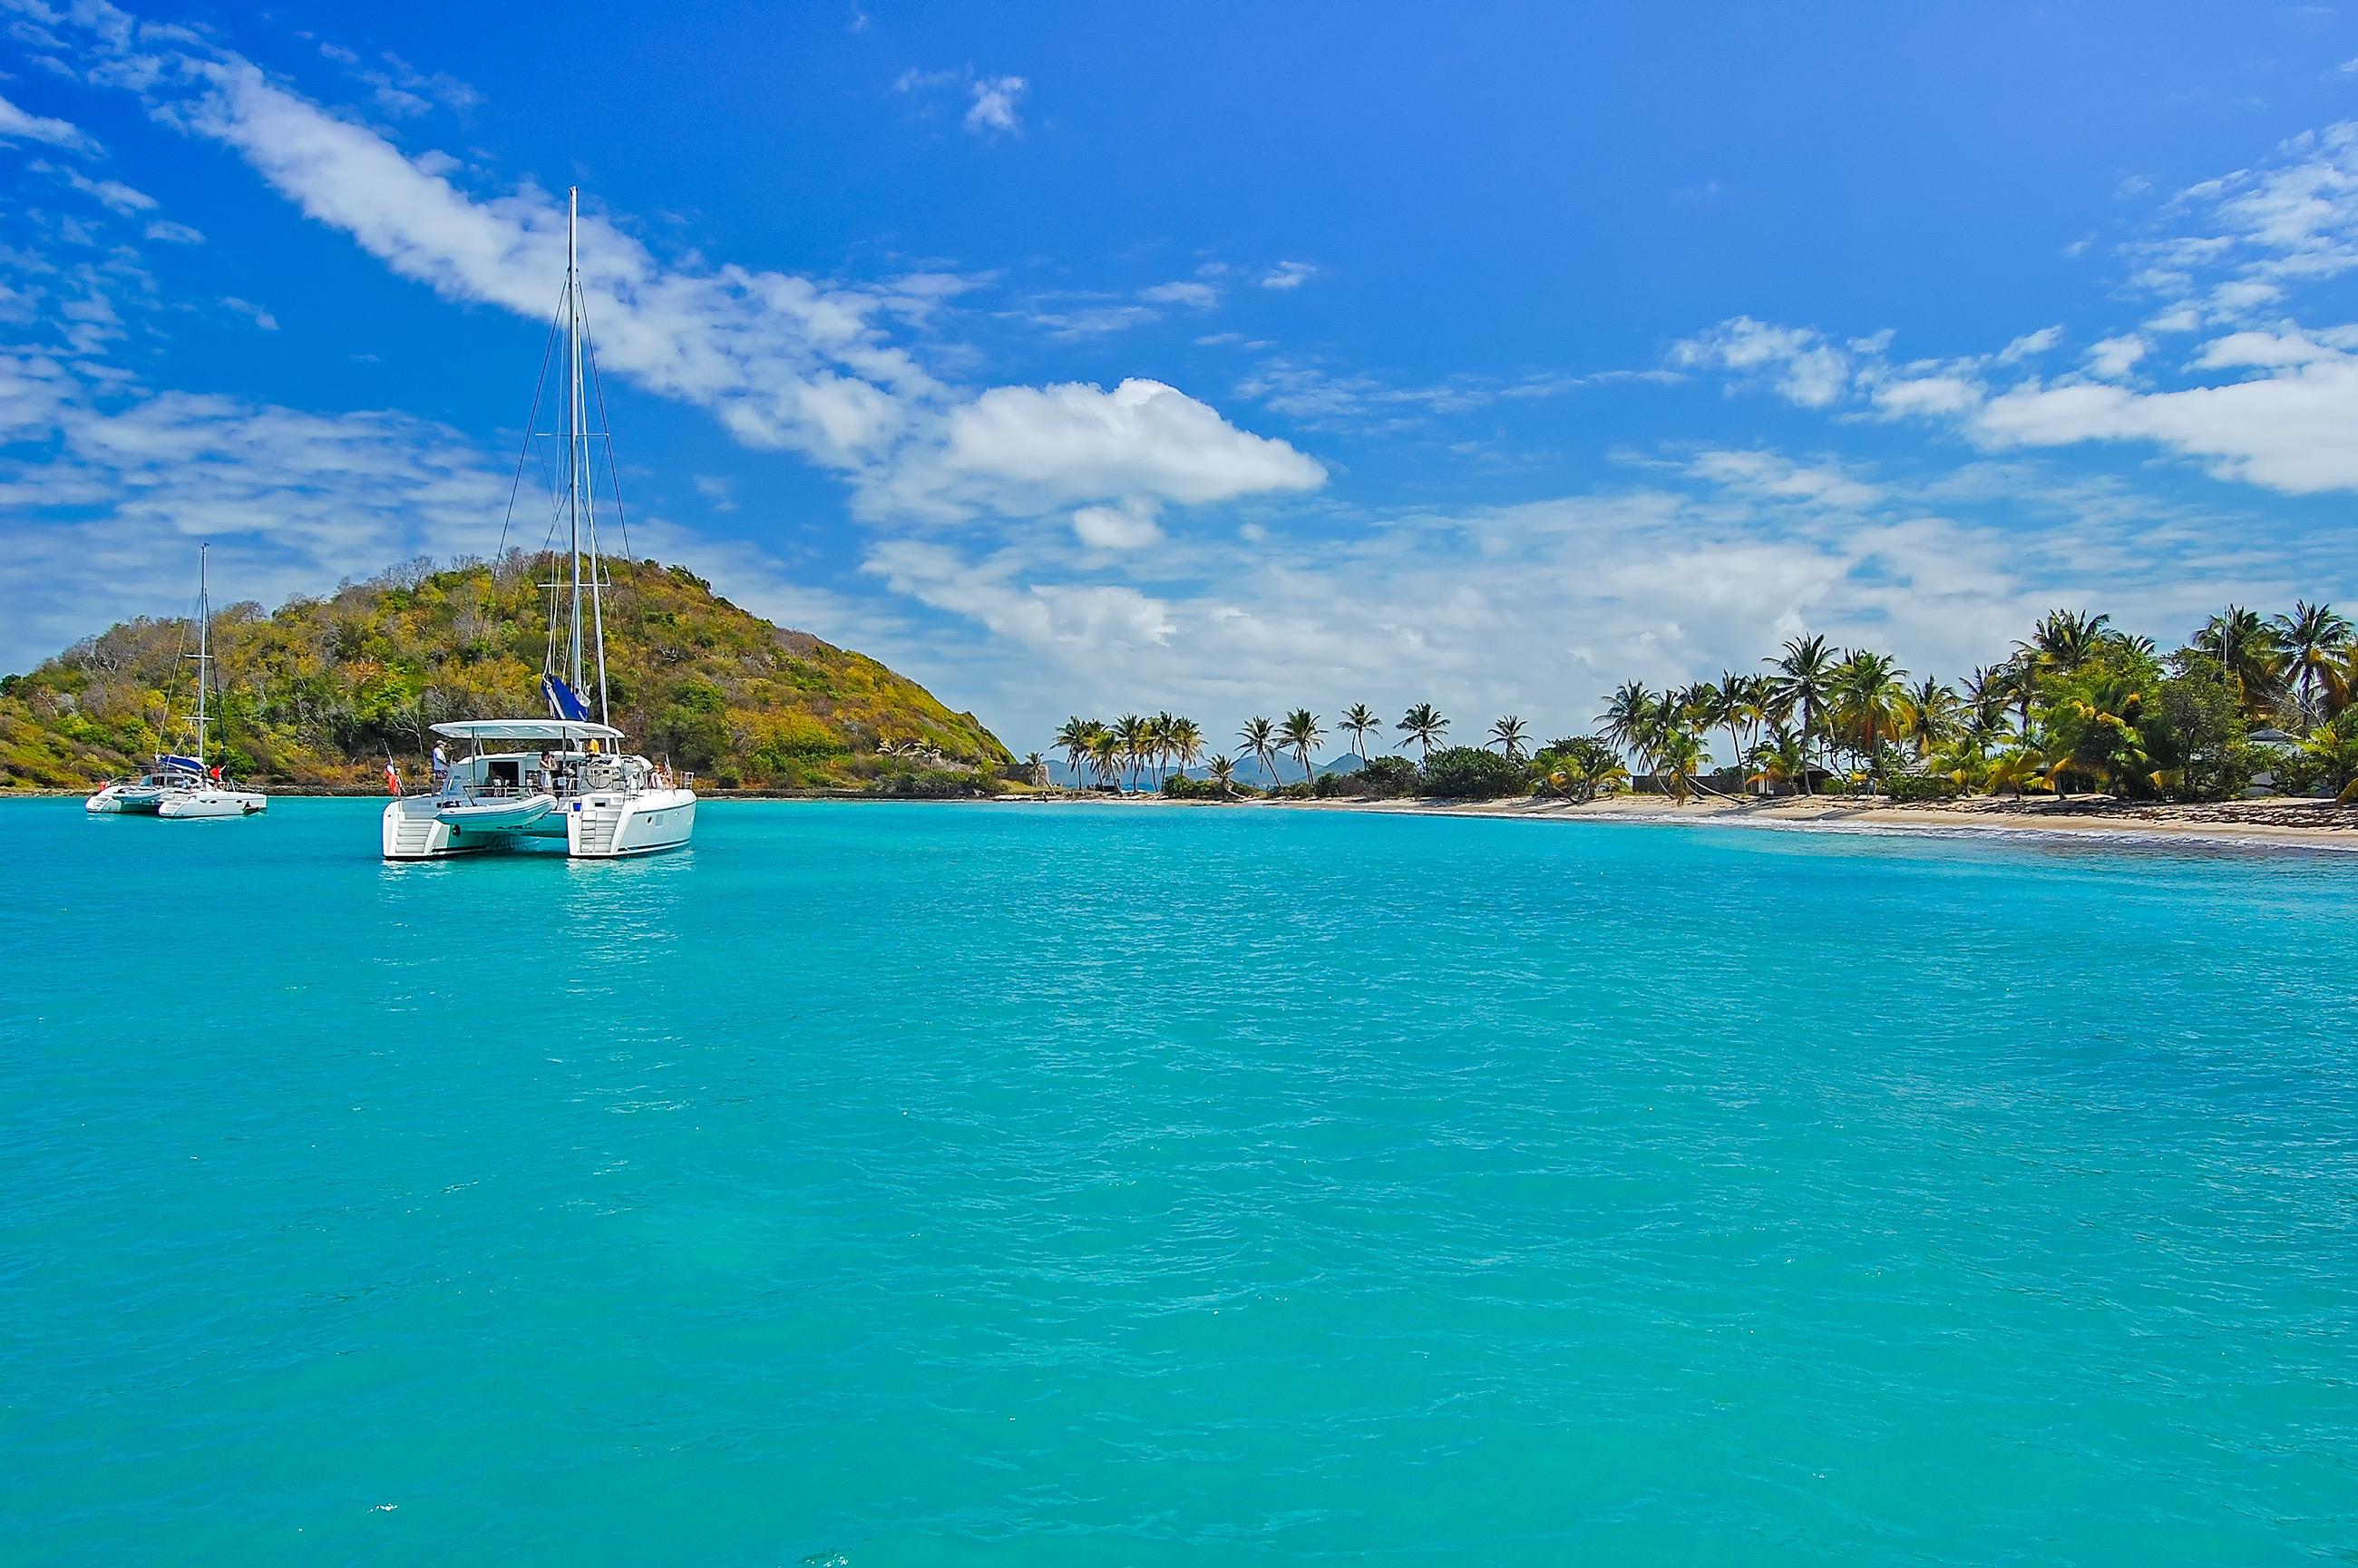 dovolenka na lodi